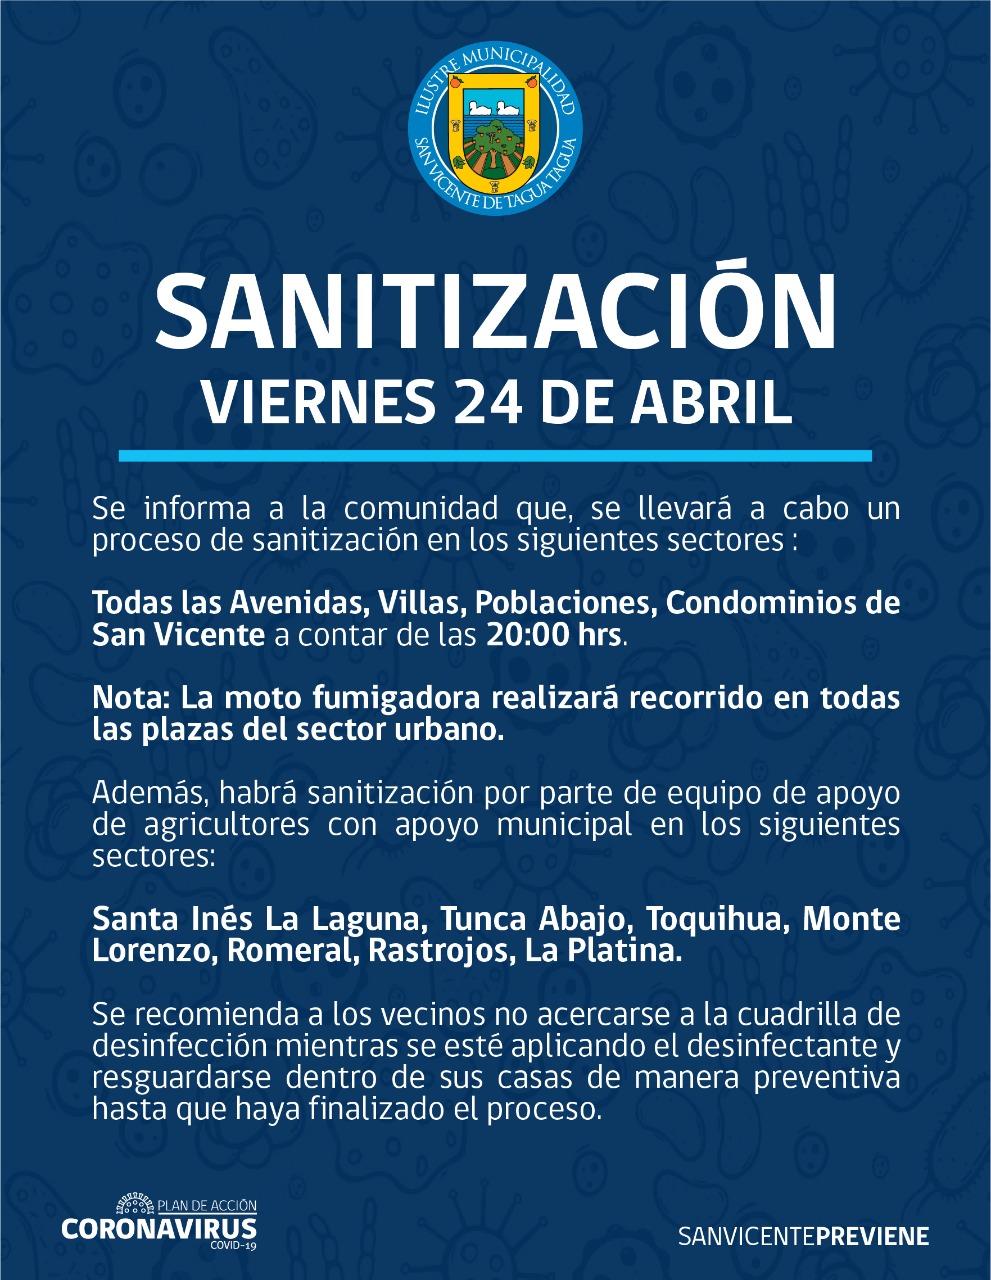 SE INFORMA SANITIZACIÓN PROGRAMADA PARA HOY VIERNES 24 DE ABRIL